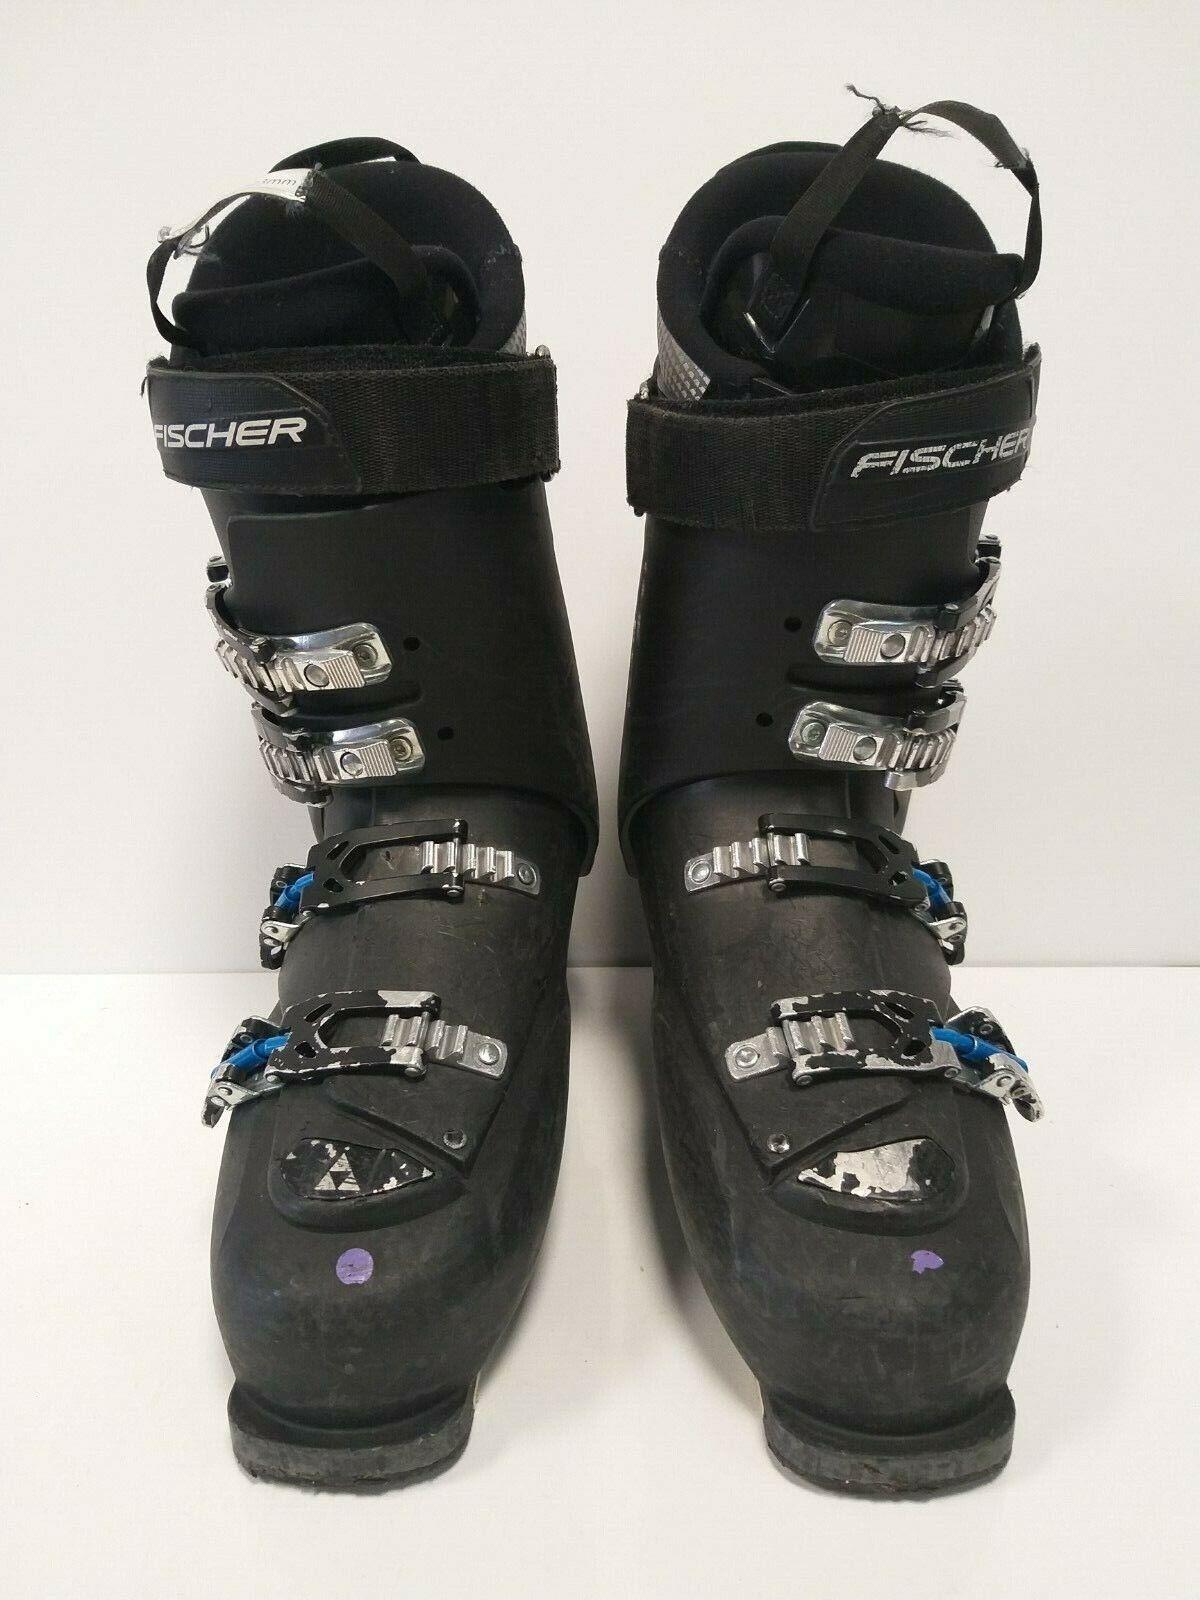 2017 Fischer Cruzar XTR 80 Ski Boots ( 3; ; Mondo 285)